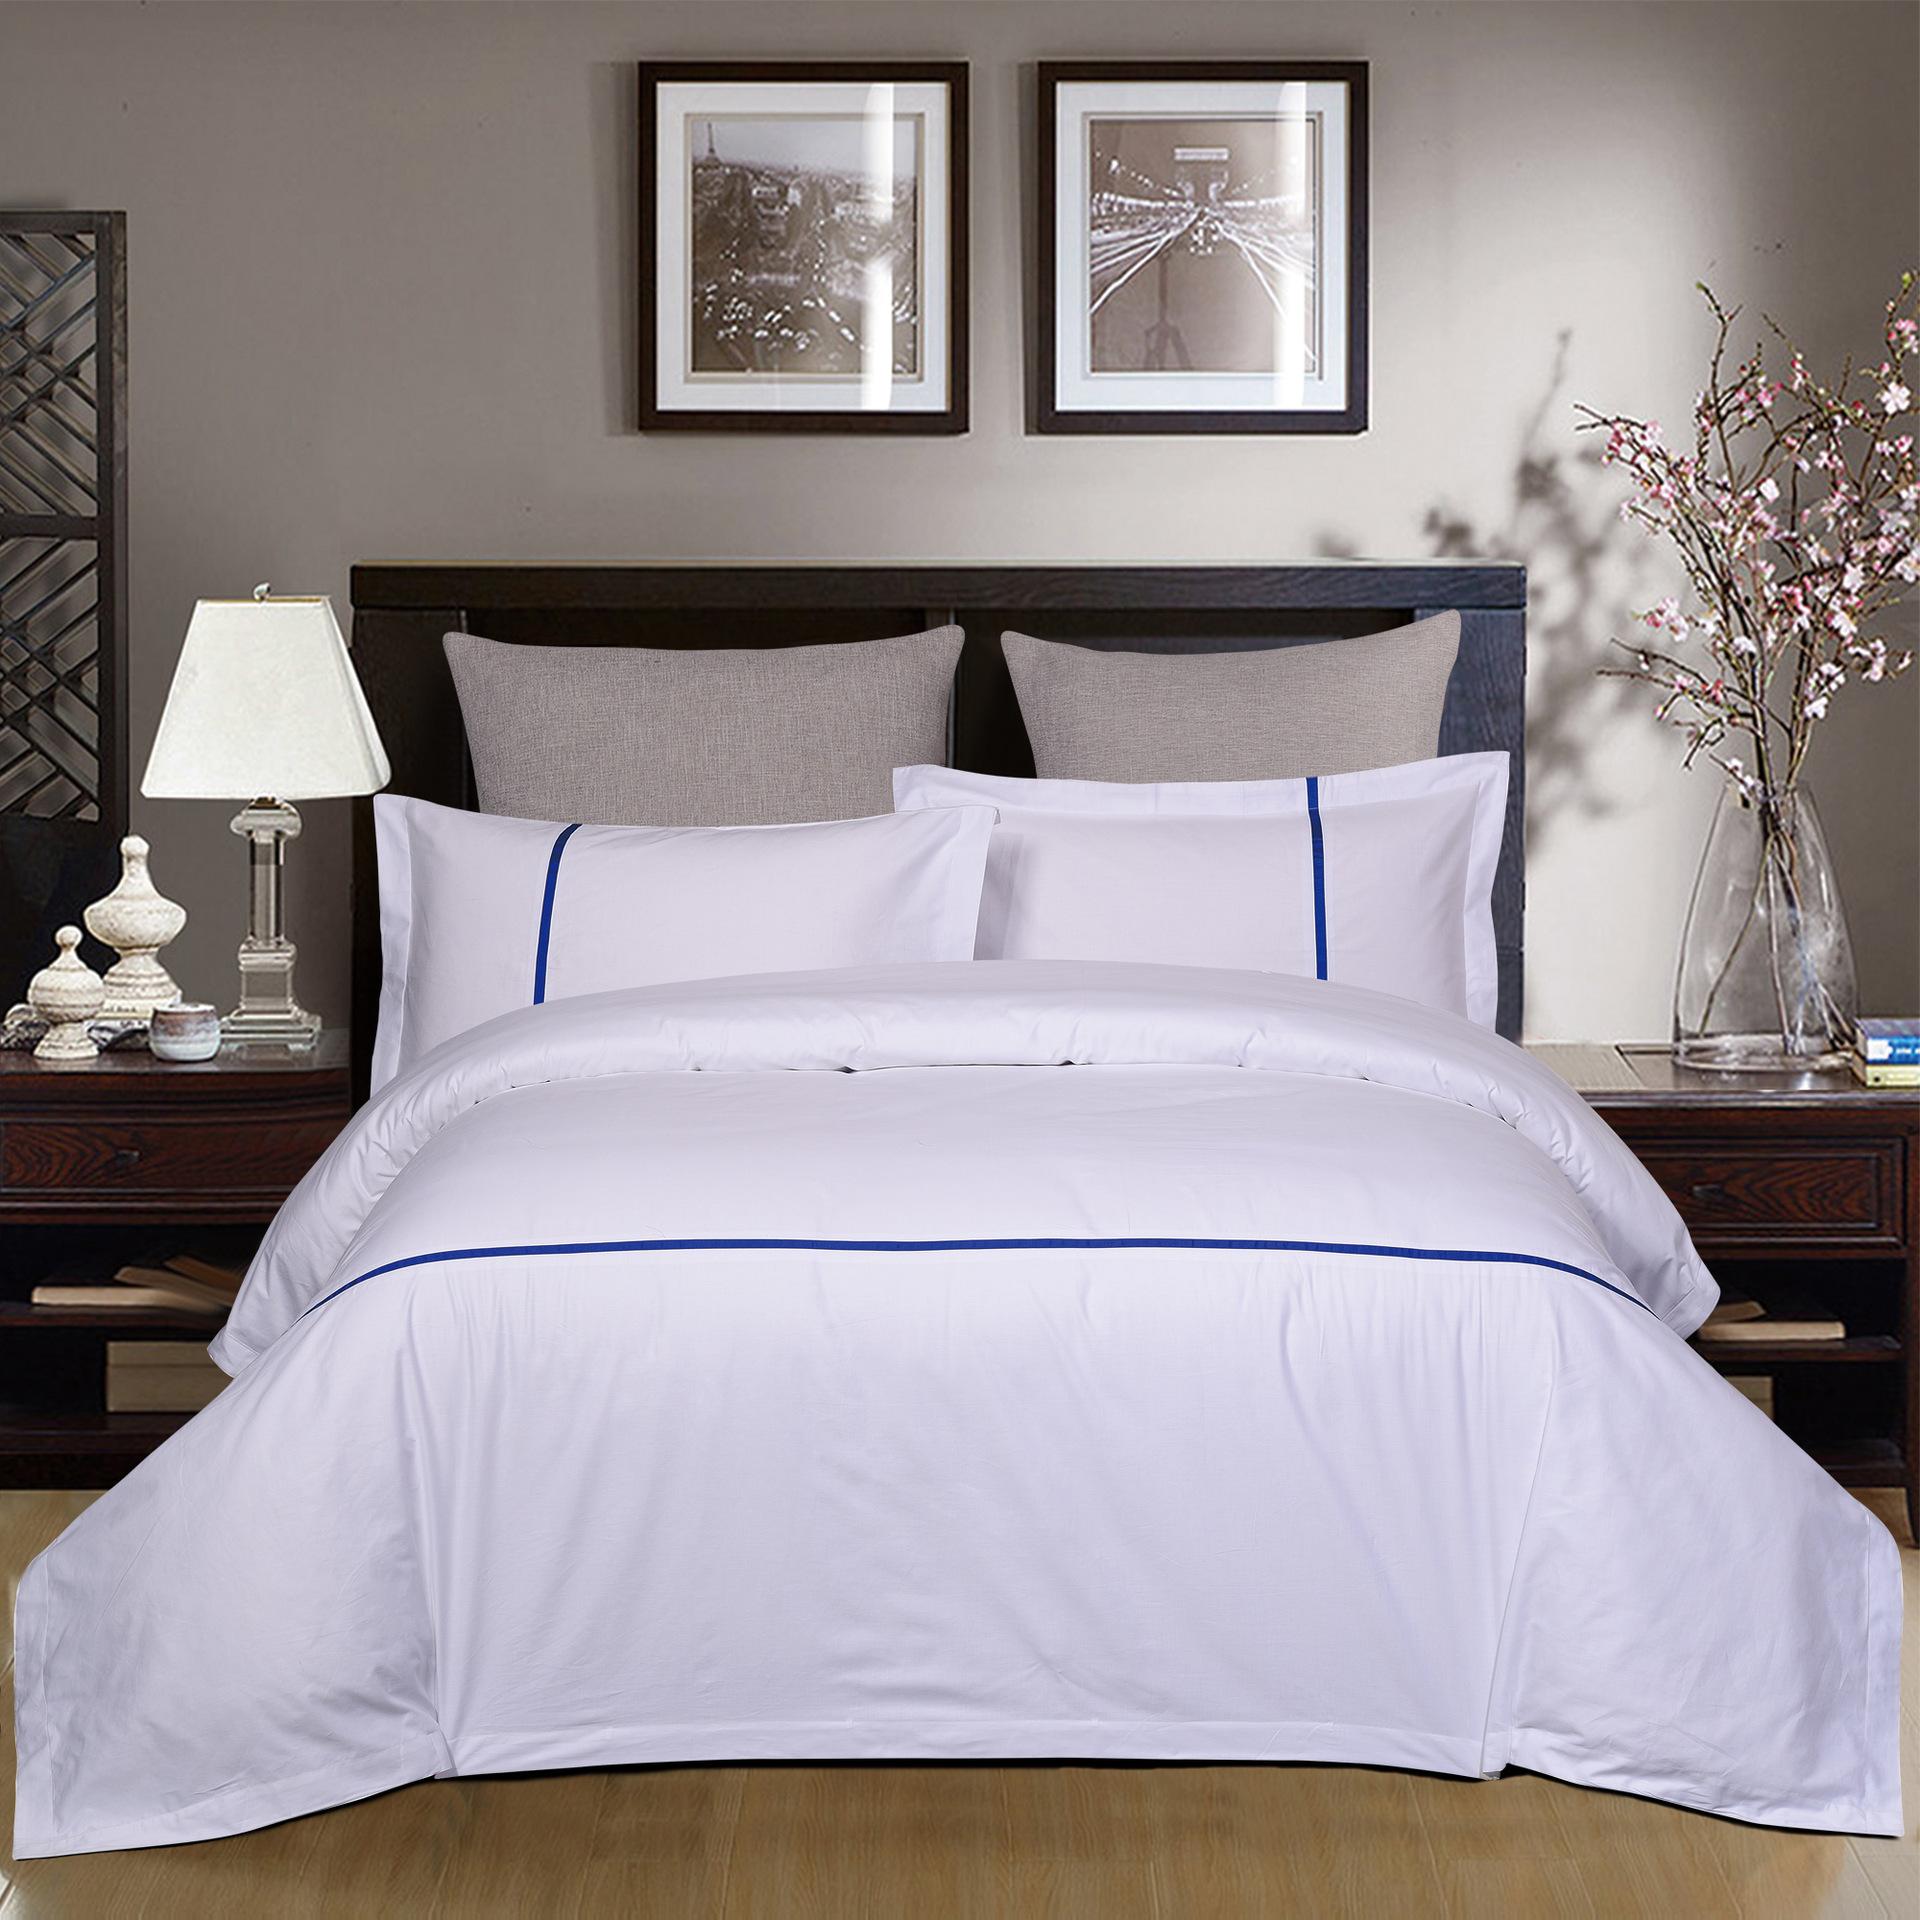 君芝友酒店用品賓館酒店床上用品四件套全棉純色貢緞4件套床單被套床品JZY-0009